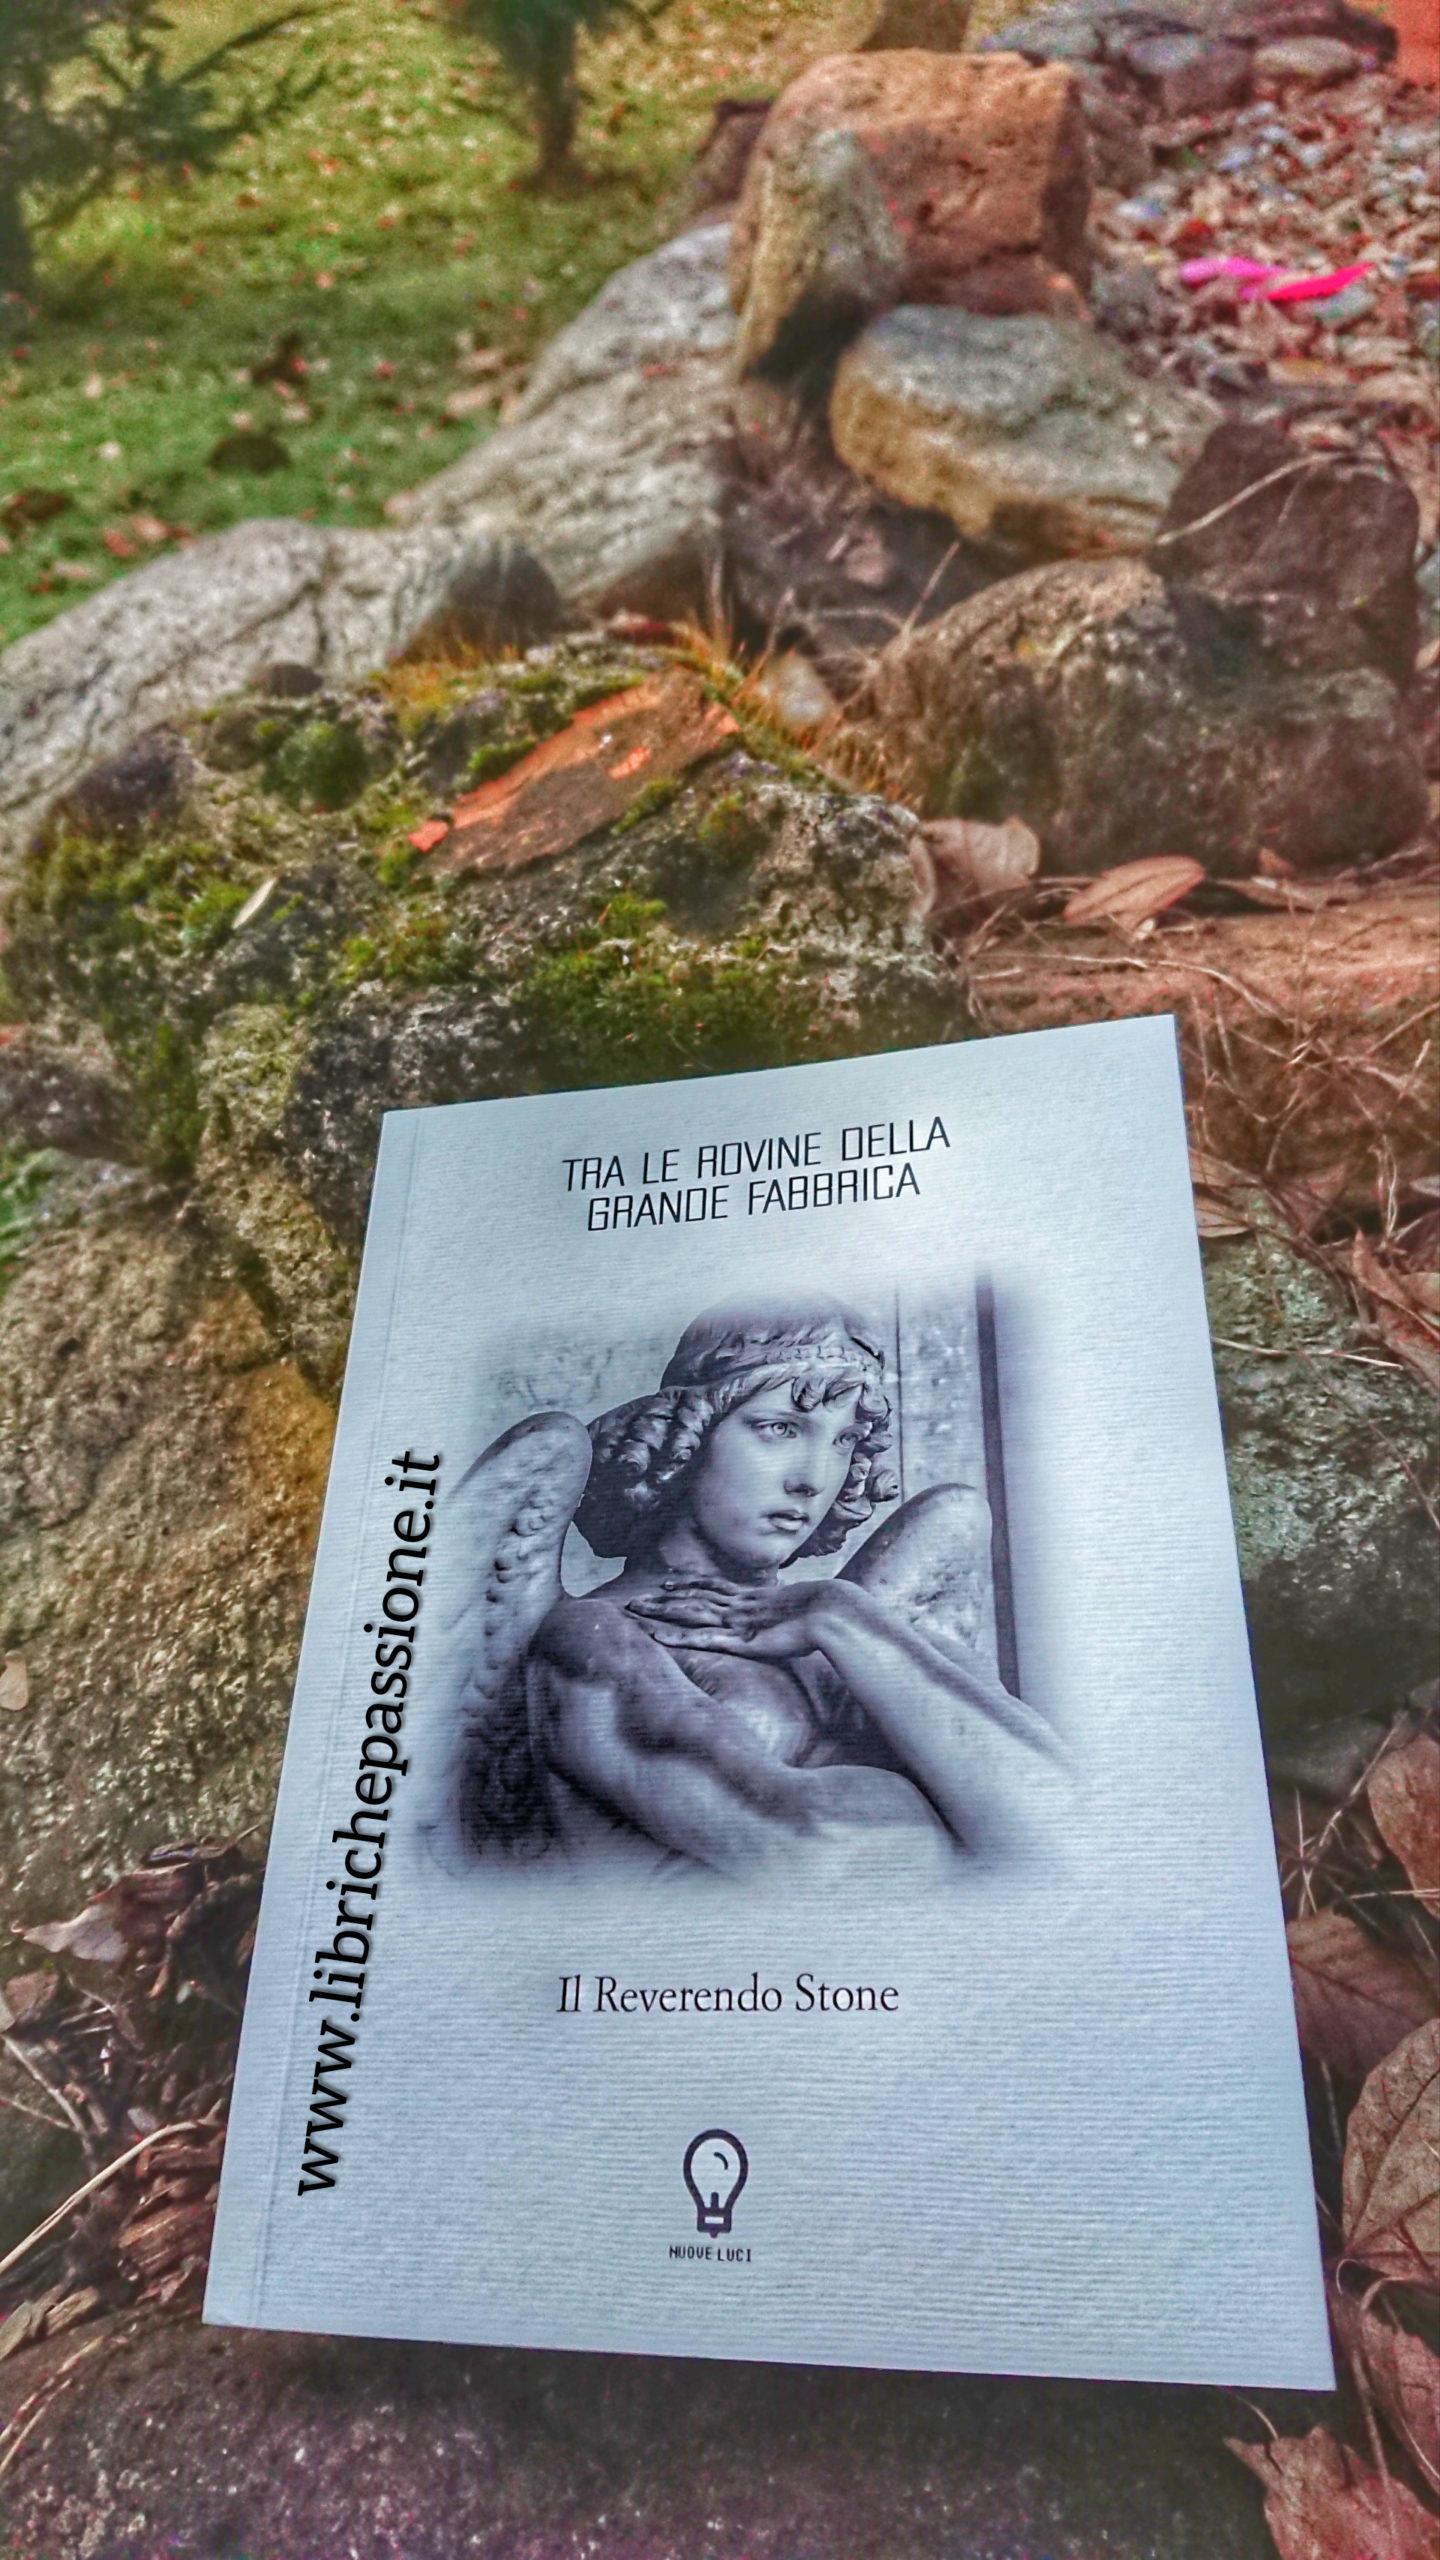 """Recensione del libro di poesie """"Tra le rovine della grande fabbrica"""" di Il Reverendo Stone edito da Amande Edizioni."""